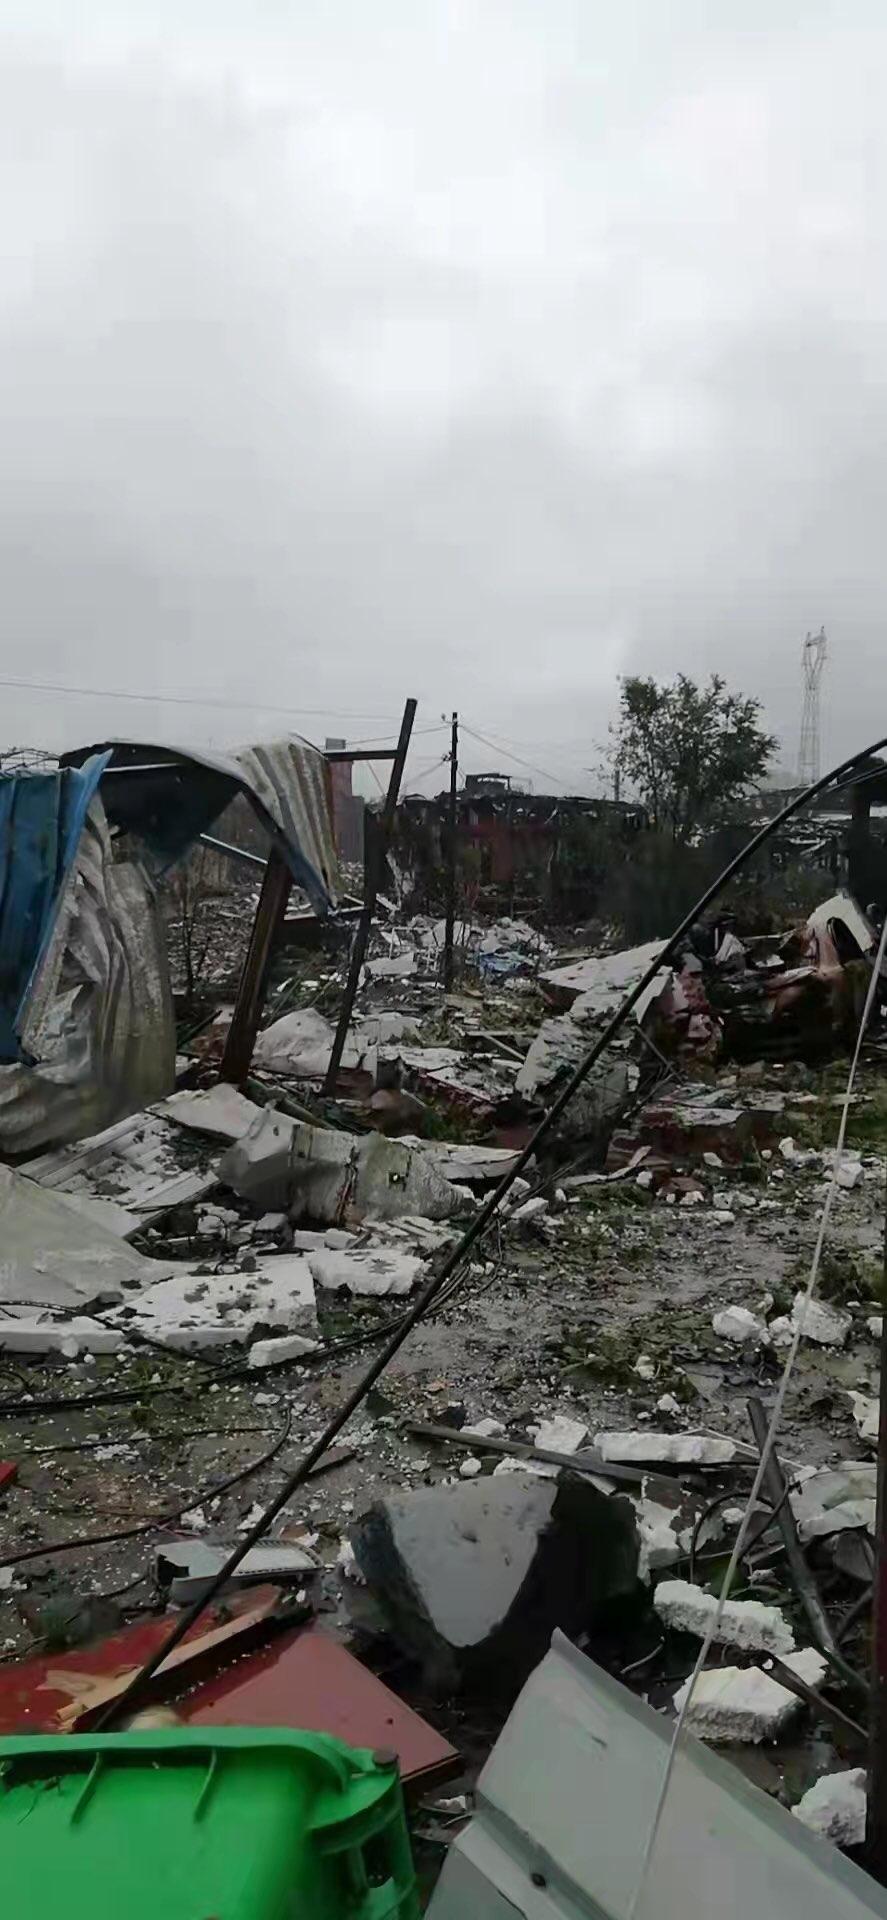 河南鄭州登封市登電集團鋁合金有限公司7月20日發生重大爆炸事故。圖為損毀的民房。(民眾提供)